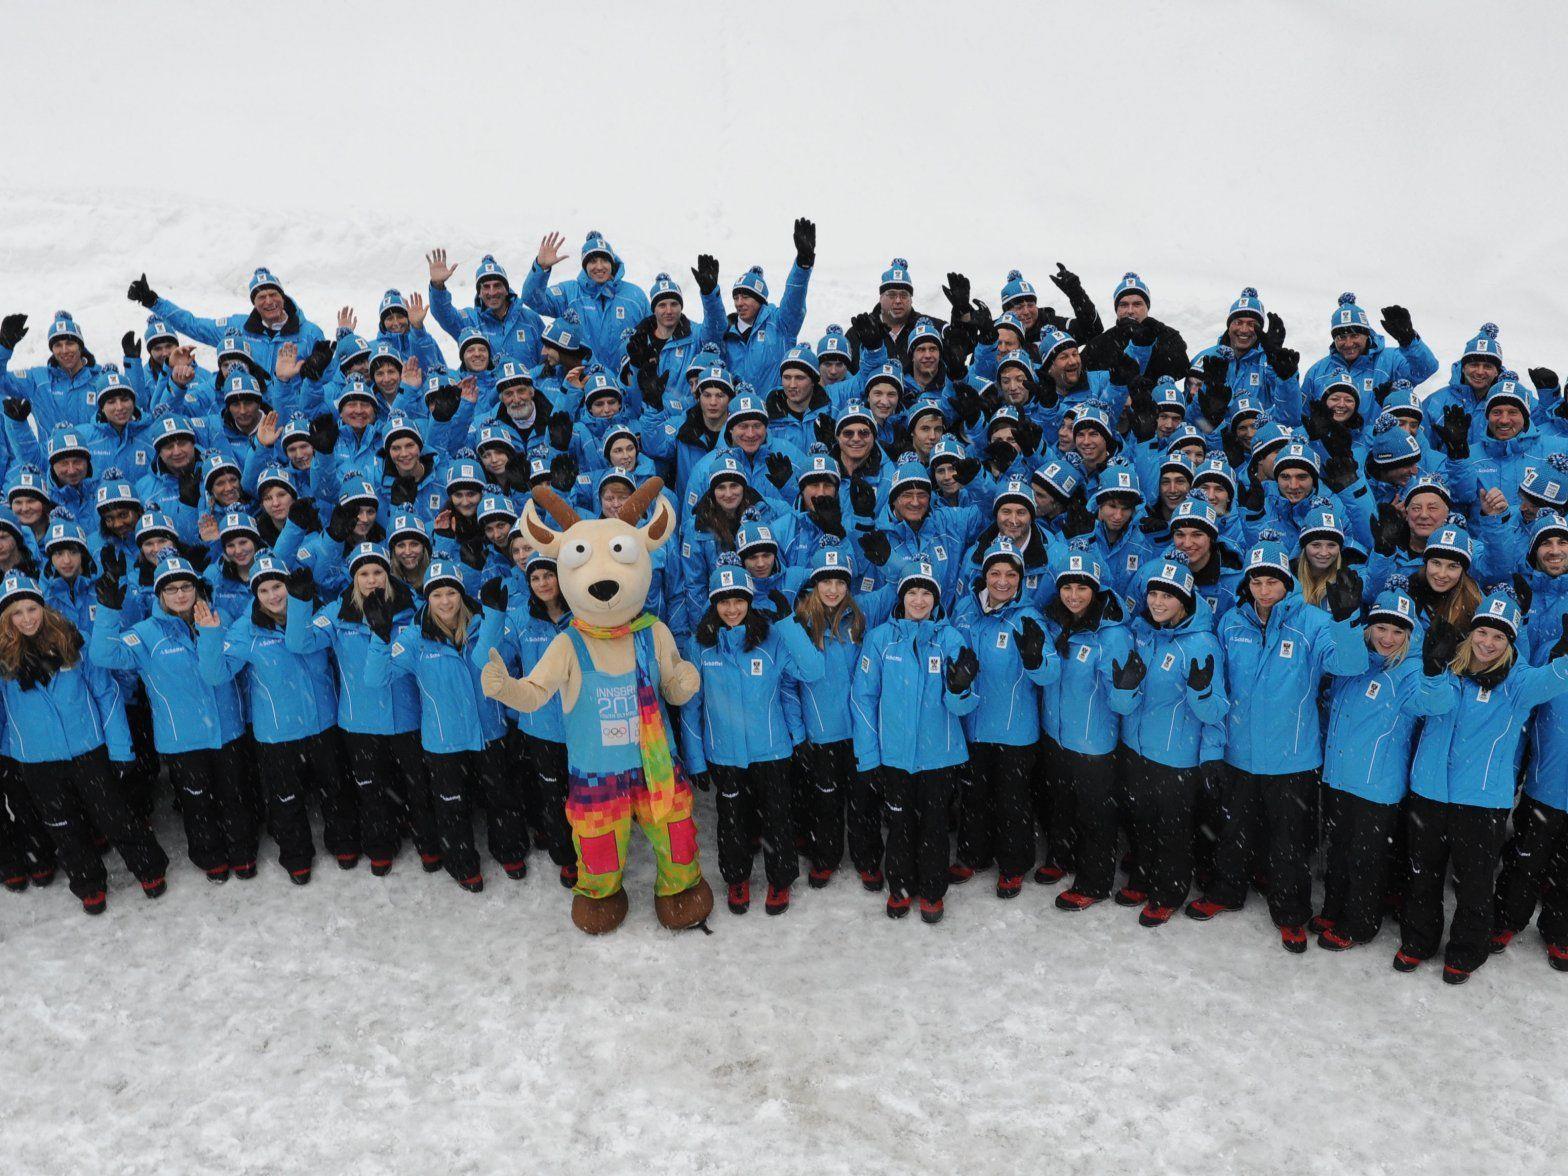 Die österreichischen Teilnehmer für die Jugend-Winterspiele.